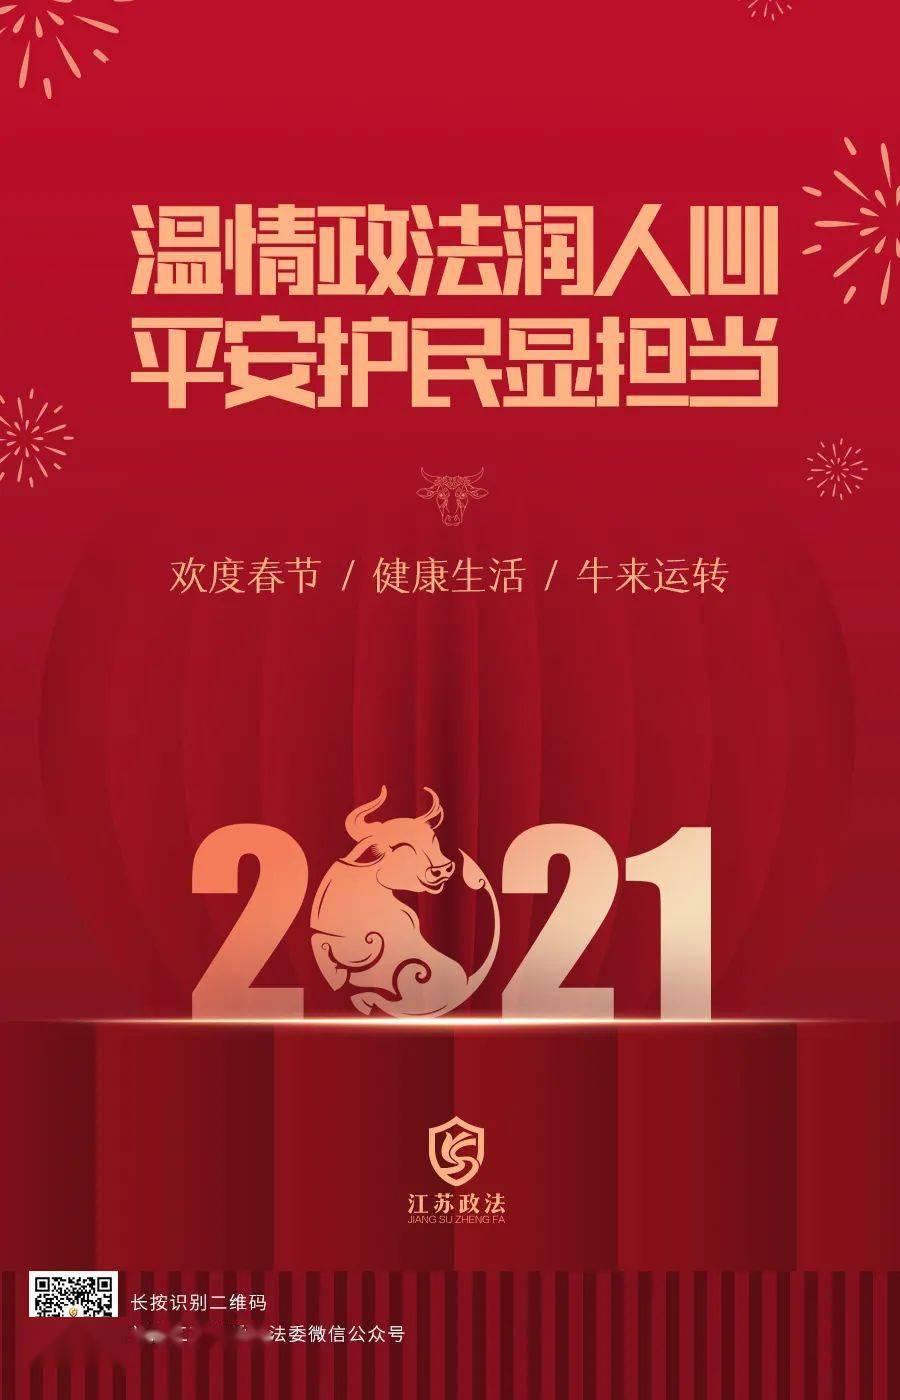 2021,江苏政法用肩膀扛起担当!